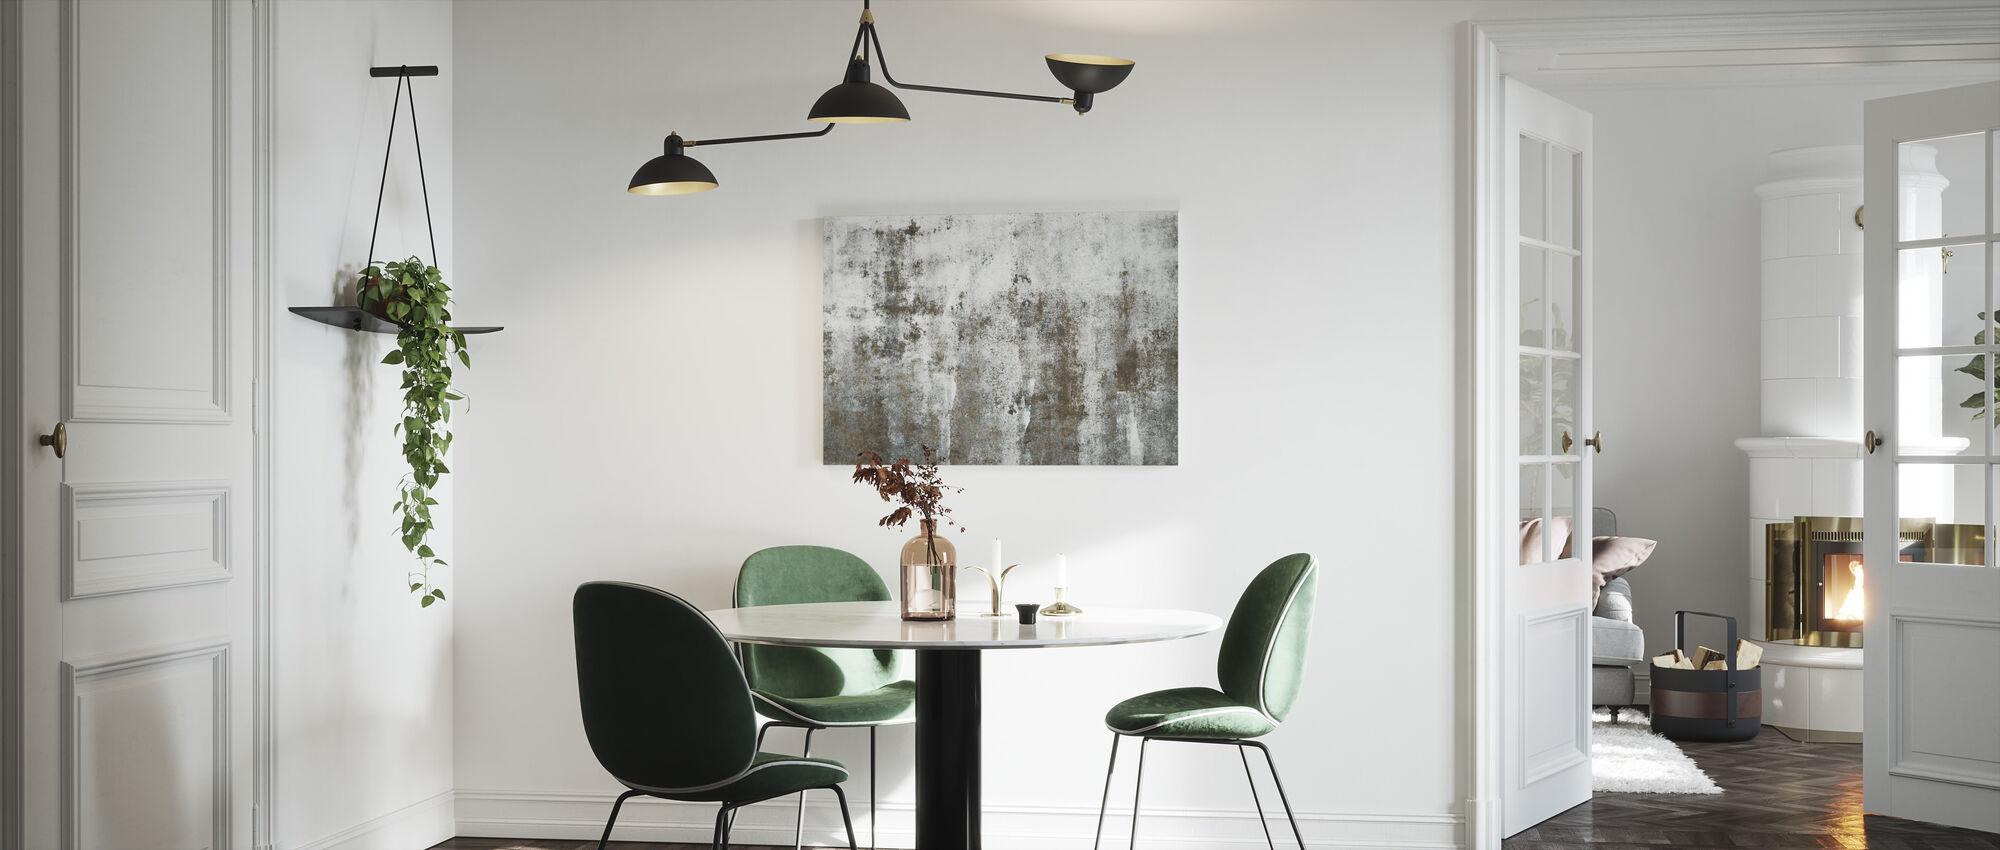 Vintage maalaismainen seinä - Canvastaulu - Keittiö